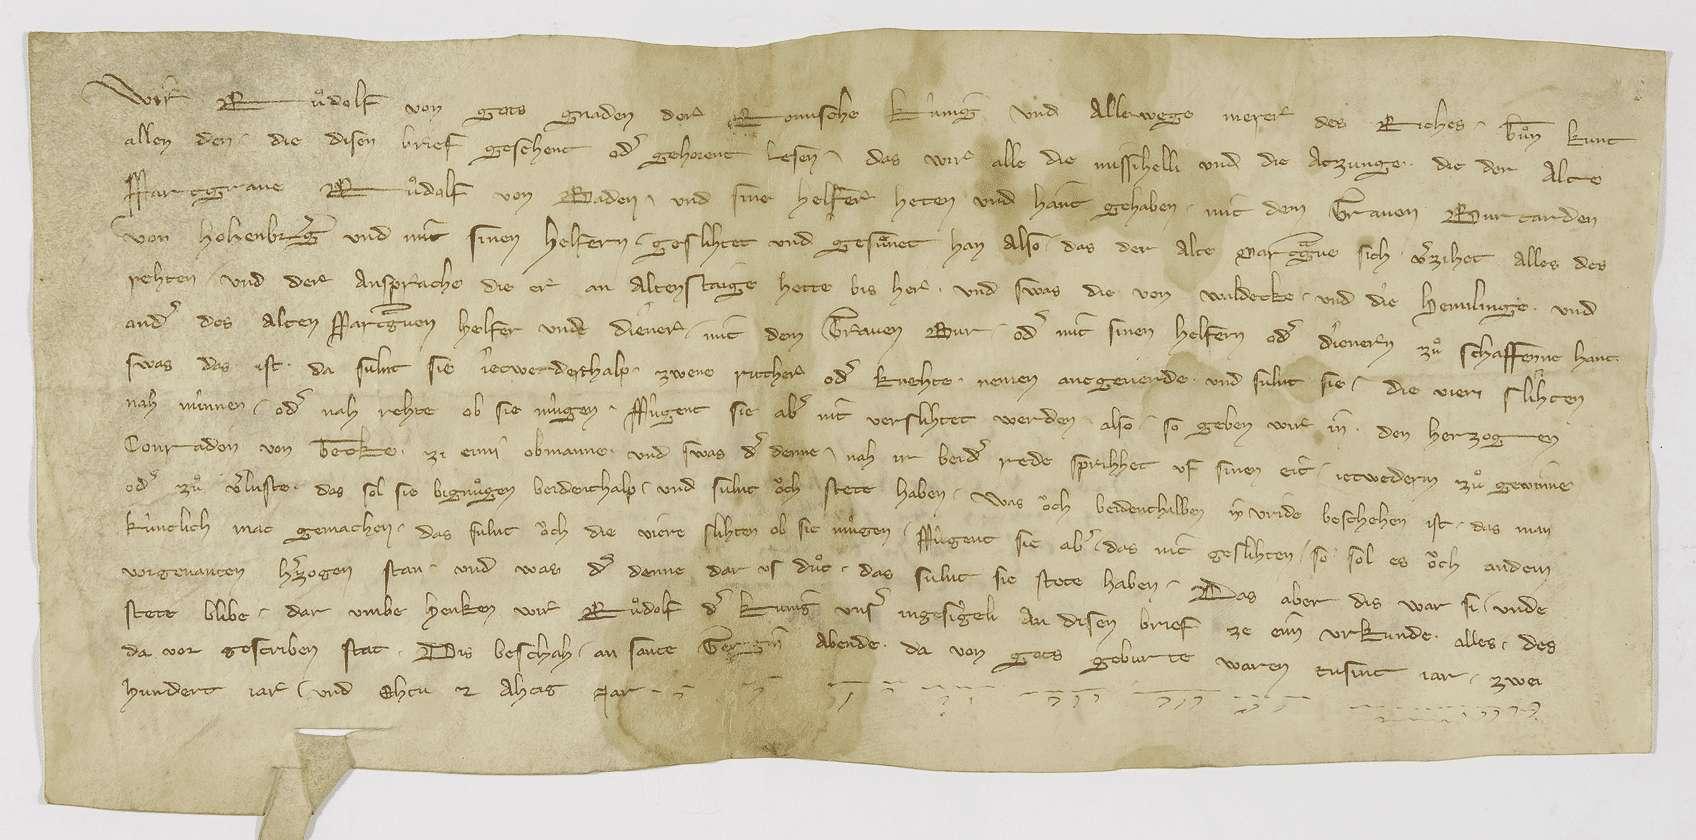 König Rudolf schlichtet den Streit zwischen Markgraf Rudolf von Baden und Graf Burkhard von Hohenberg um Altensteig., Bild 1